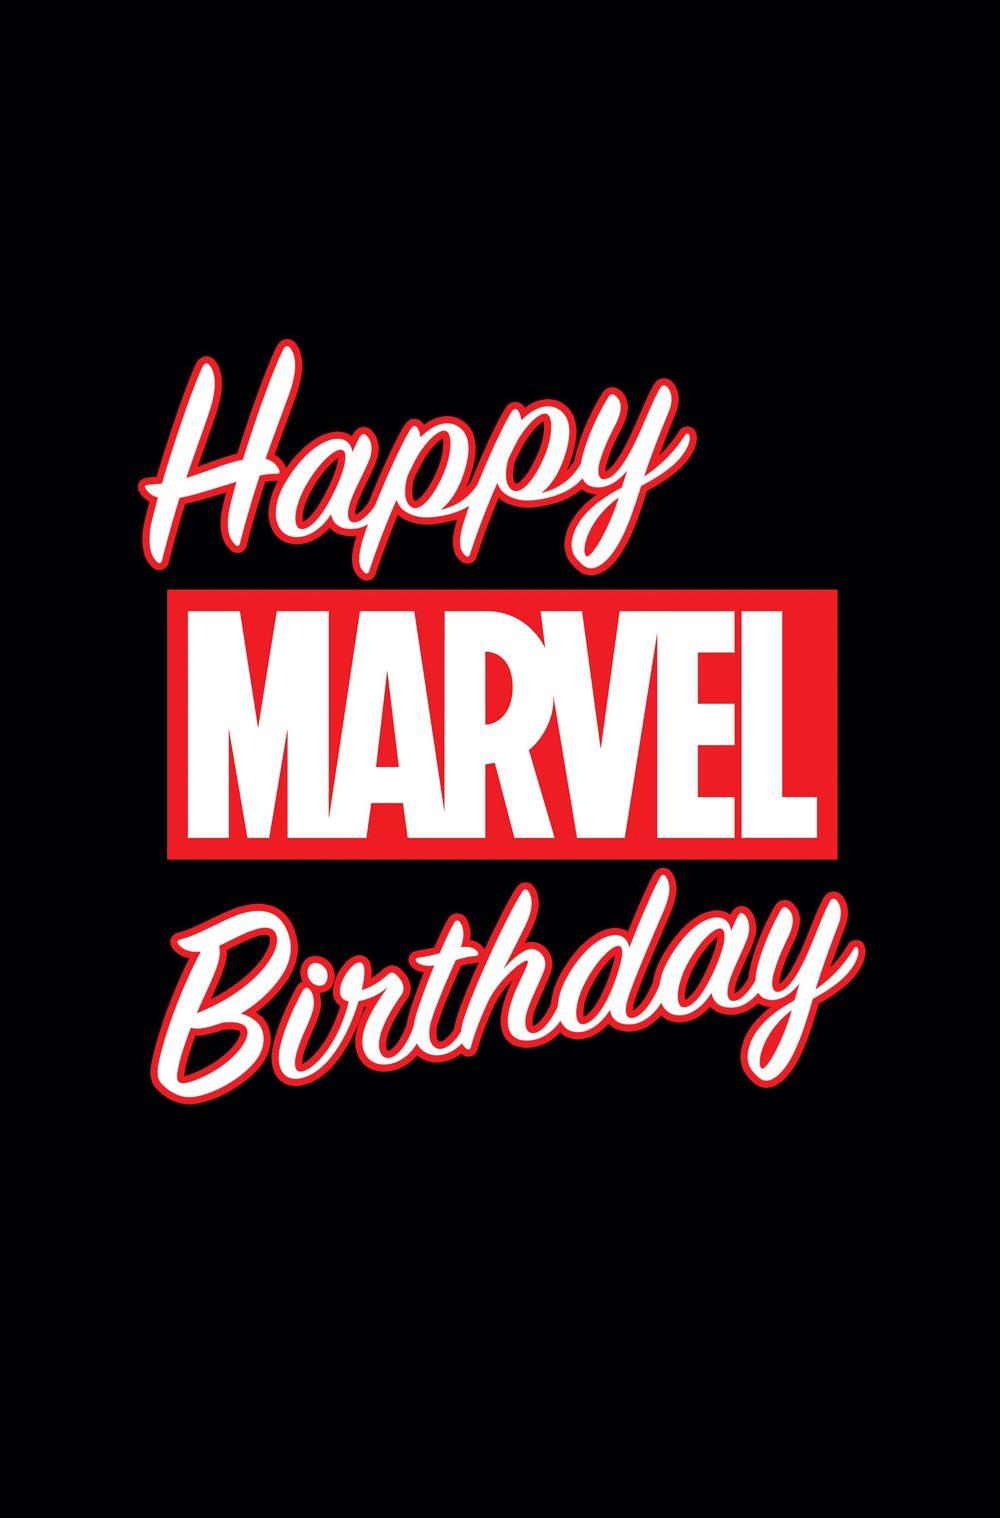 HAPPY_MARVEL_BIRTHDAY_A2 Marvel celebrates its 81st birthday on August 31